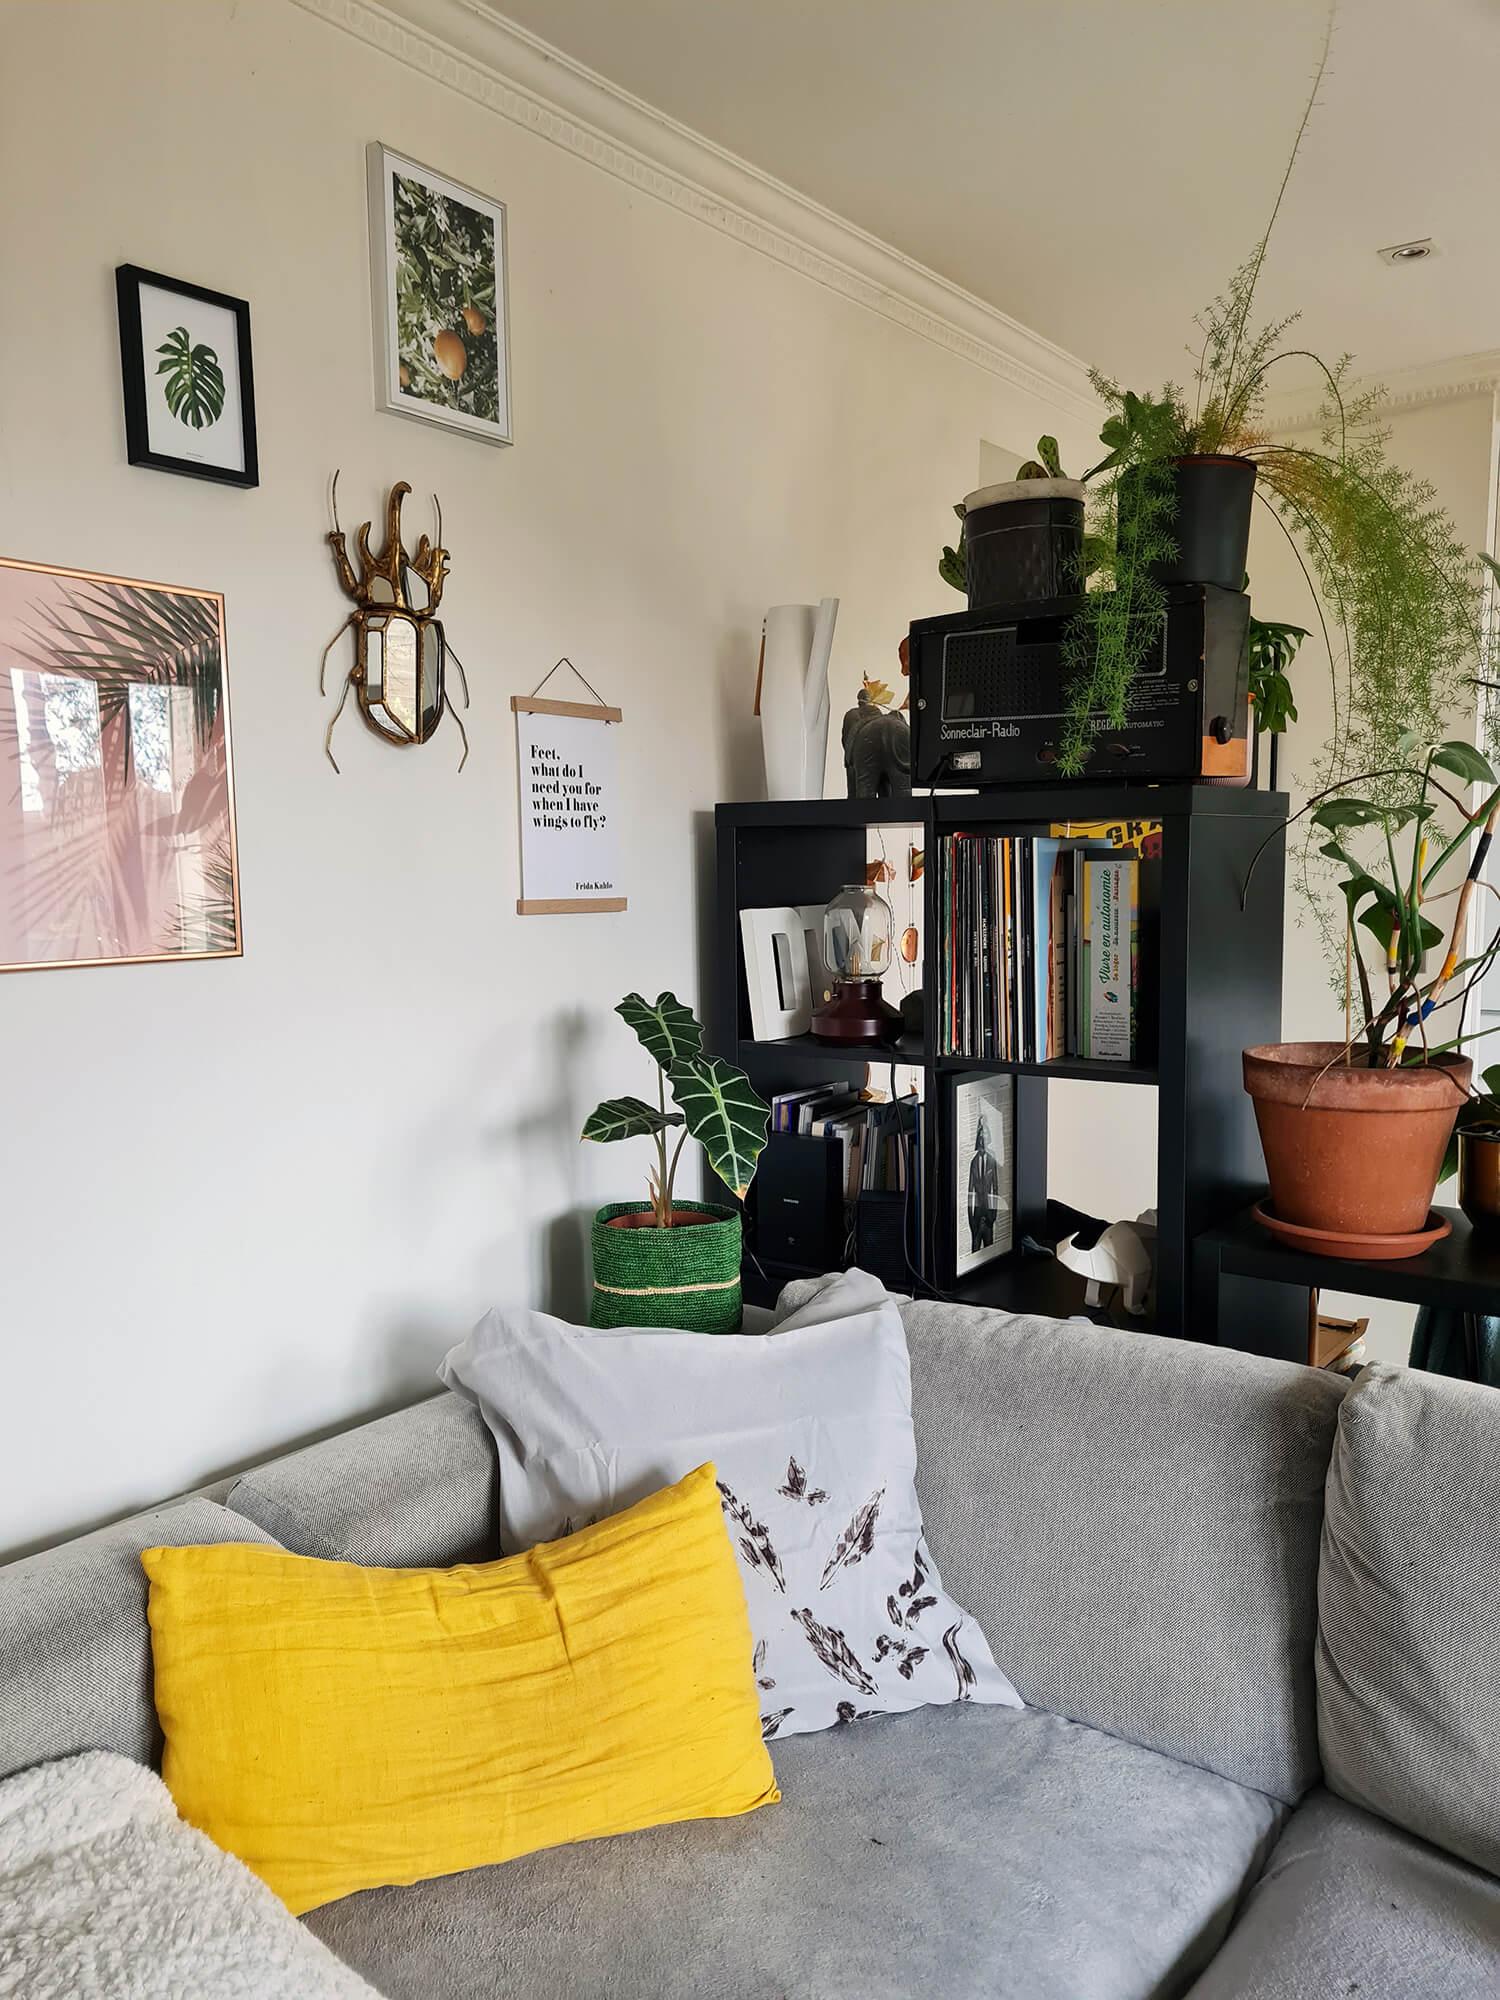 20210128 131422 - DIY : créer un coussin végétal avec des feuilles